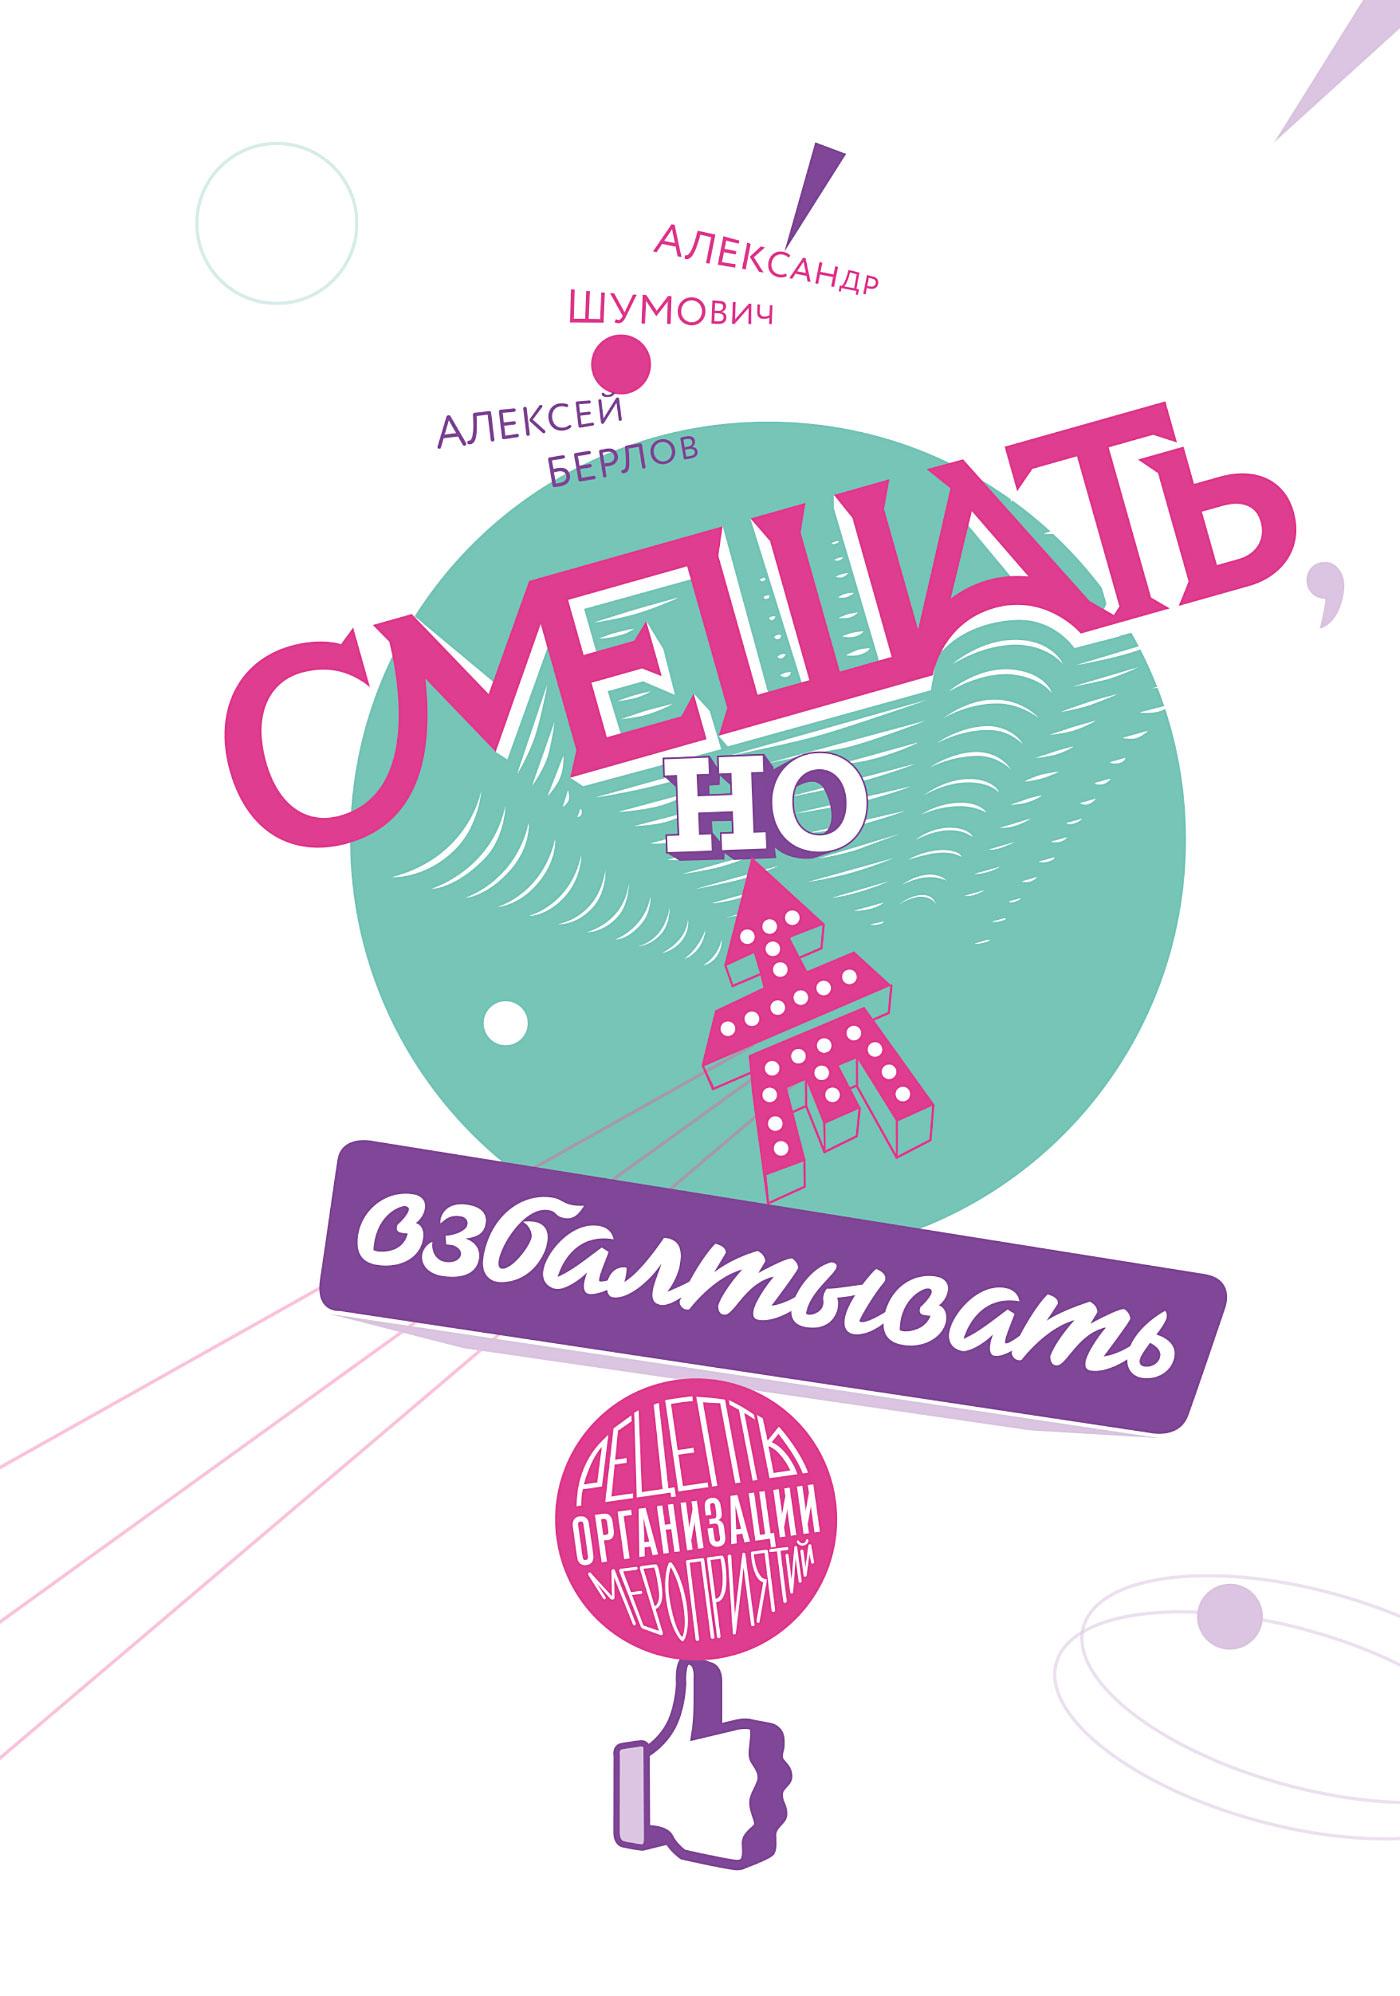 Обложка книги Смешать, но не взбалтывать: Рецепты организации мероприятий